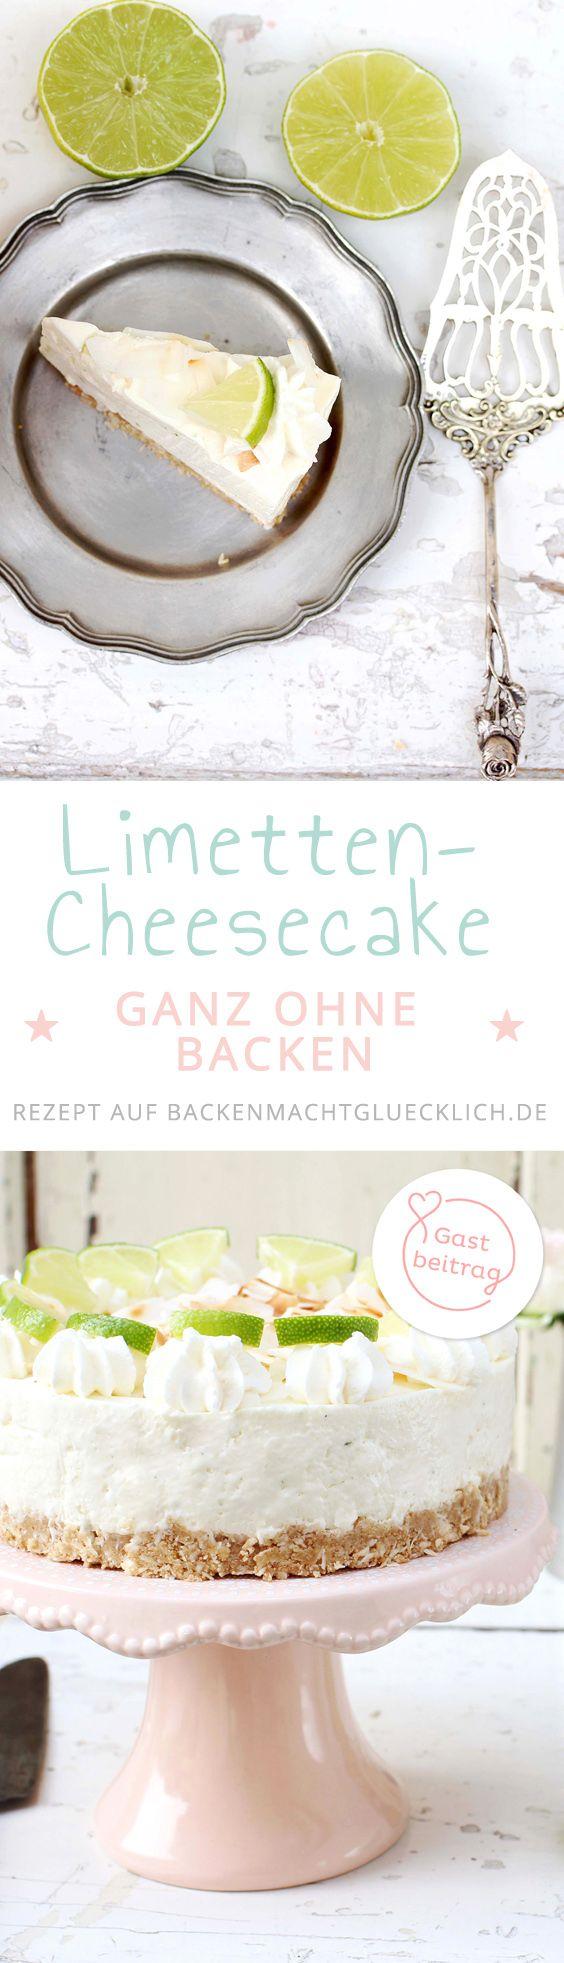 Sommerlicher Cheesecake ohne Backen: Diese Kühlschranktorte mit Limette, Kokos und Keksknusperboden schmeckt wunderbar erfrischend und ist schnell zubereitet.